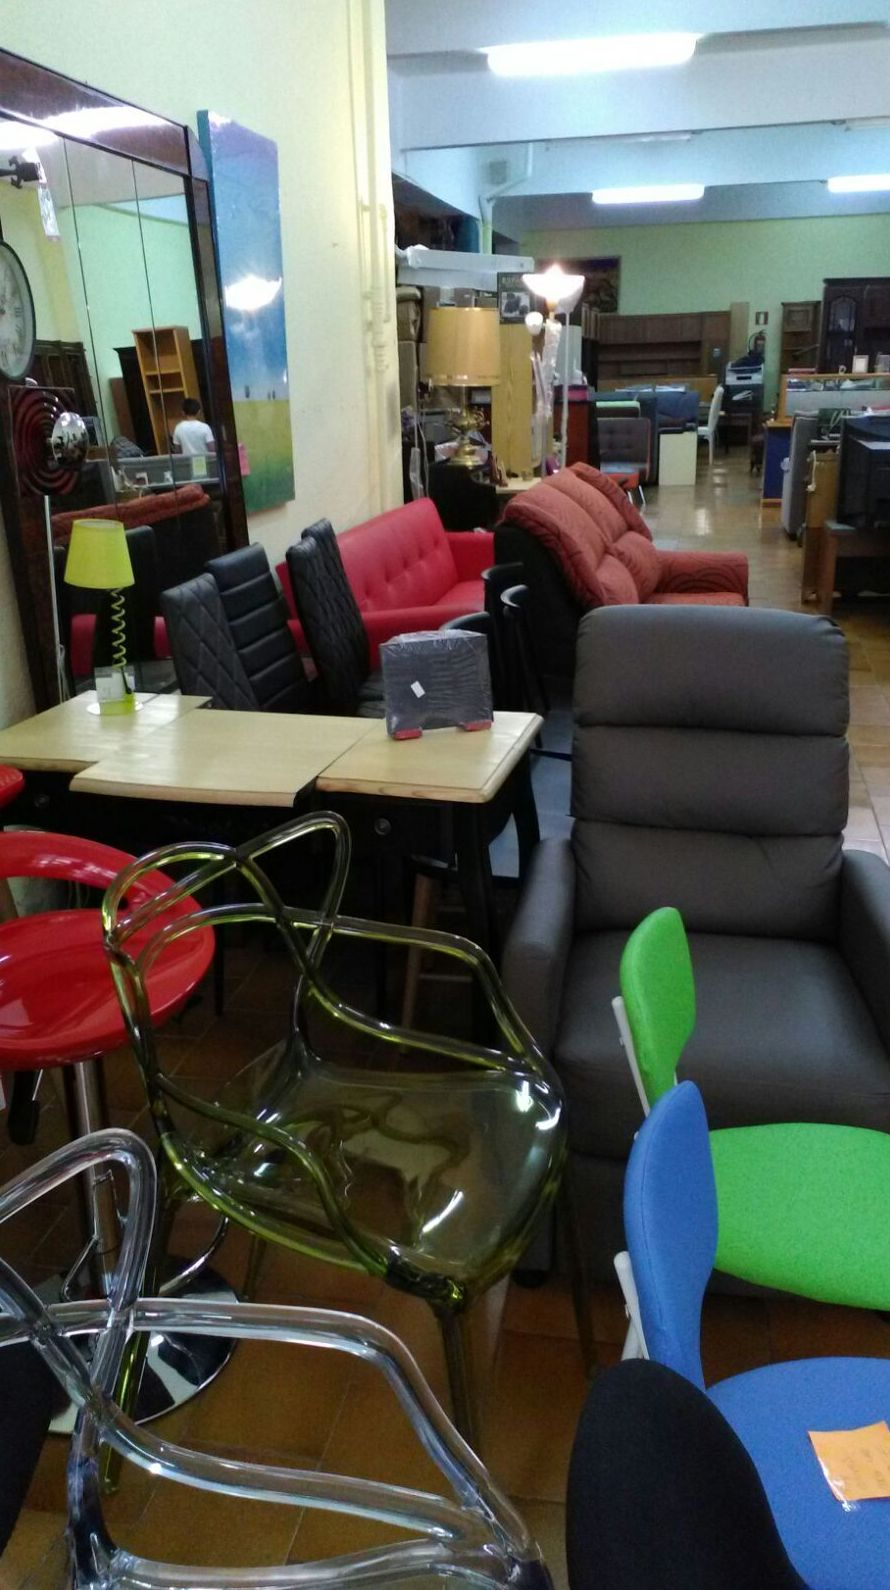 Servicio De Recogida De Muebles : Recogida de muebles segunda mano servicios remar rioja